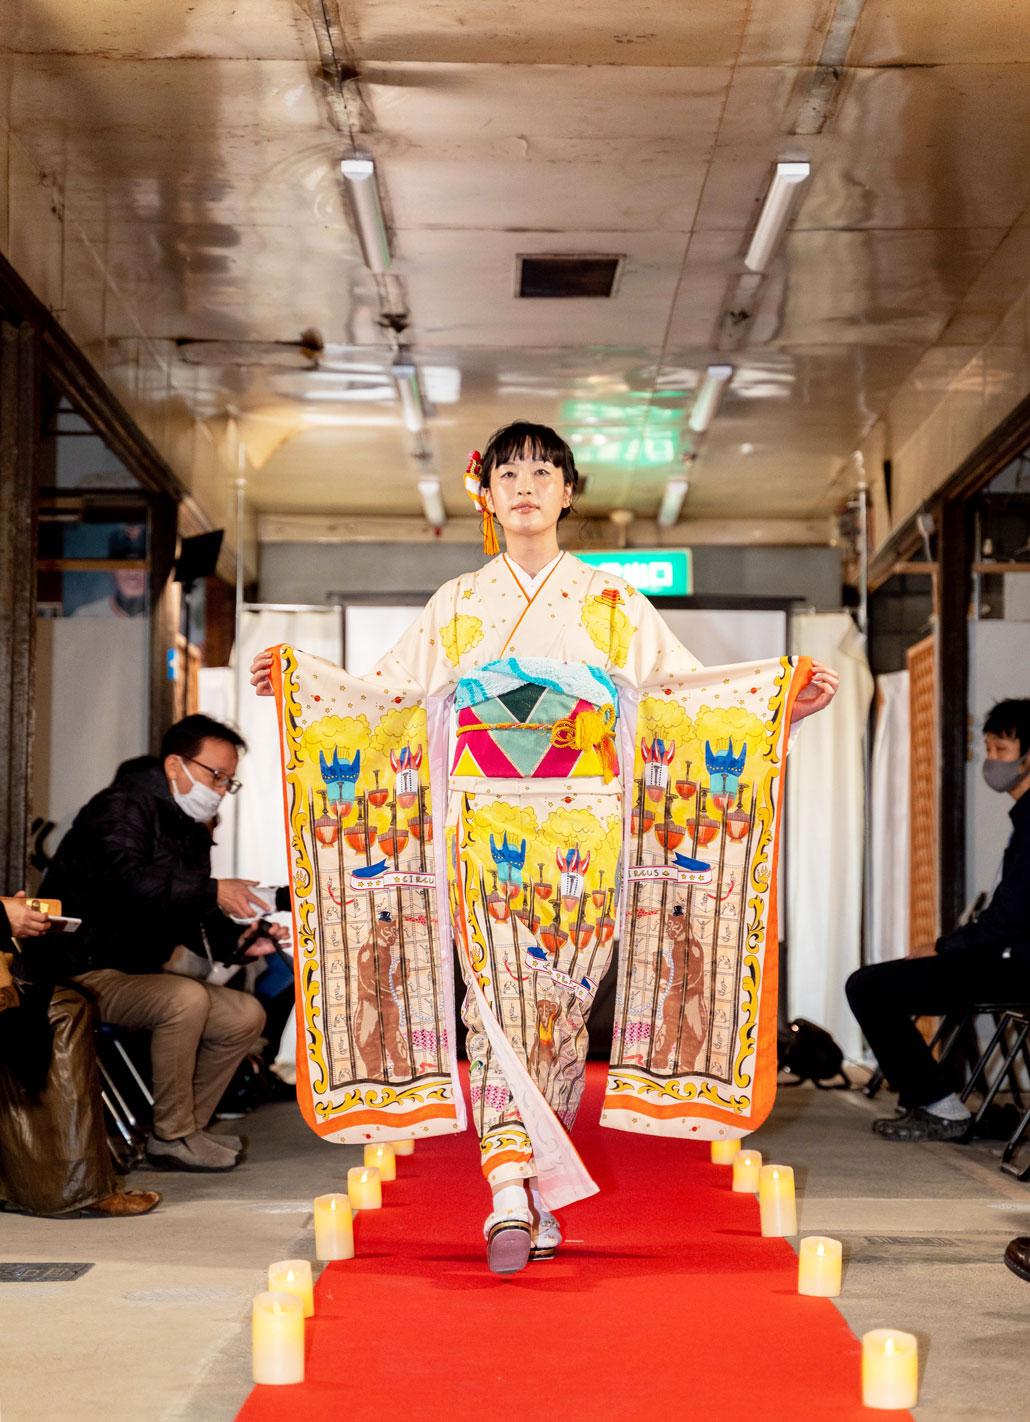 「変化を楽しむキモノショー」柄の着物変化前の画像